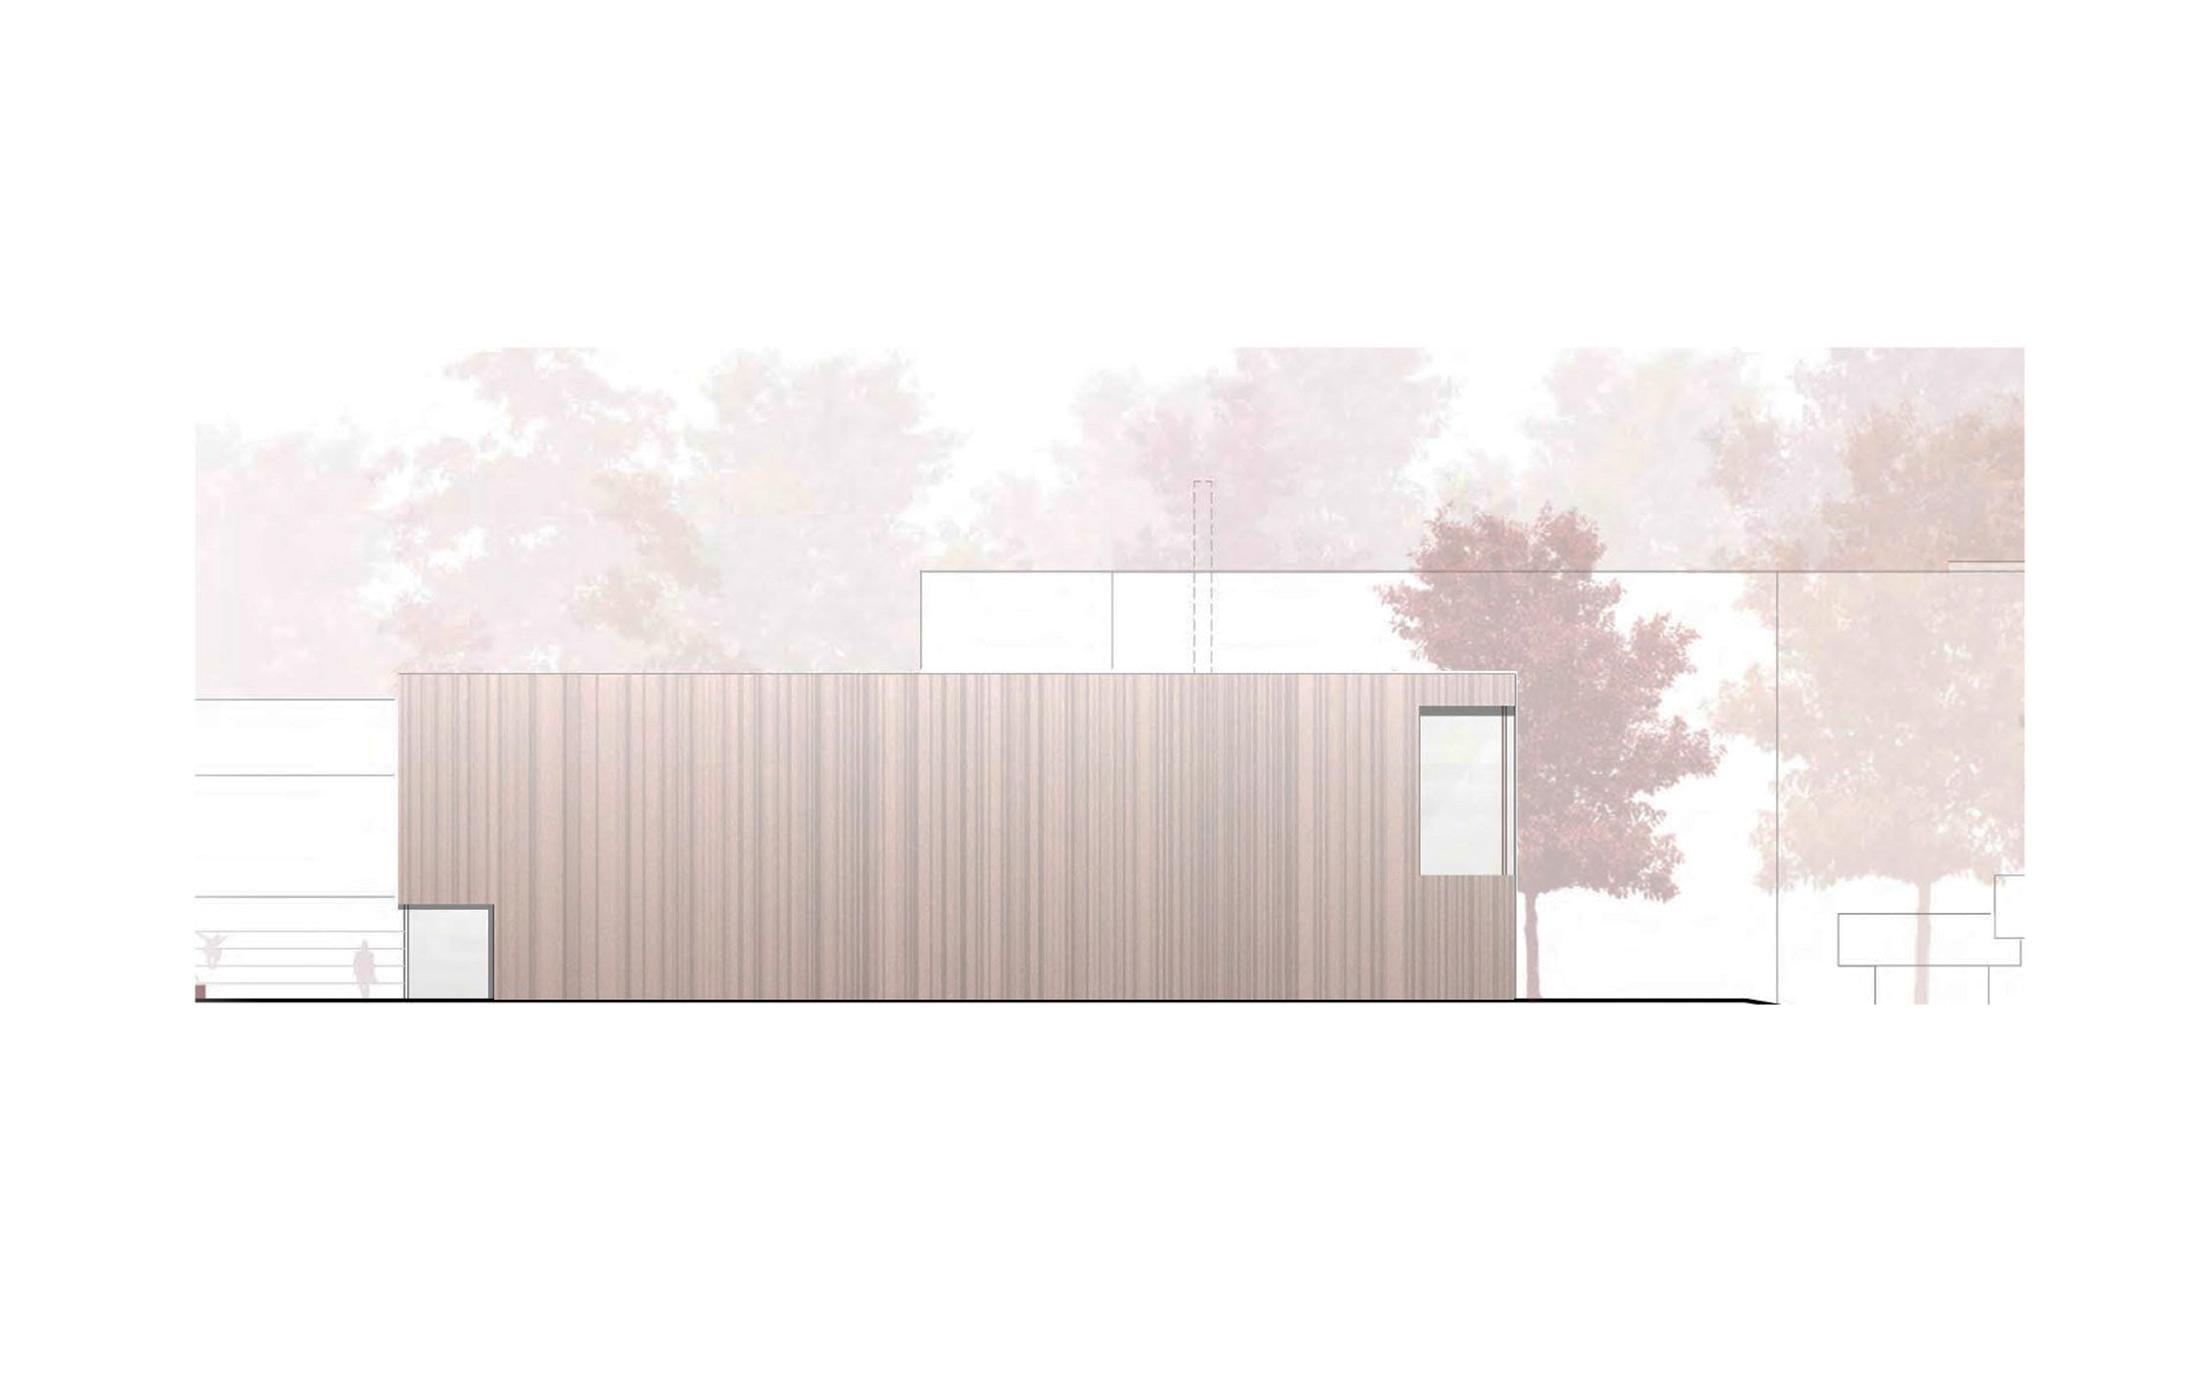 2018, Wettbewerbsbetreuung Neubau Sporthalle in den Breitwiesen, Gerlingen